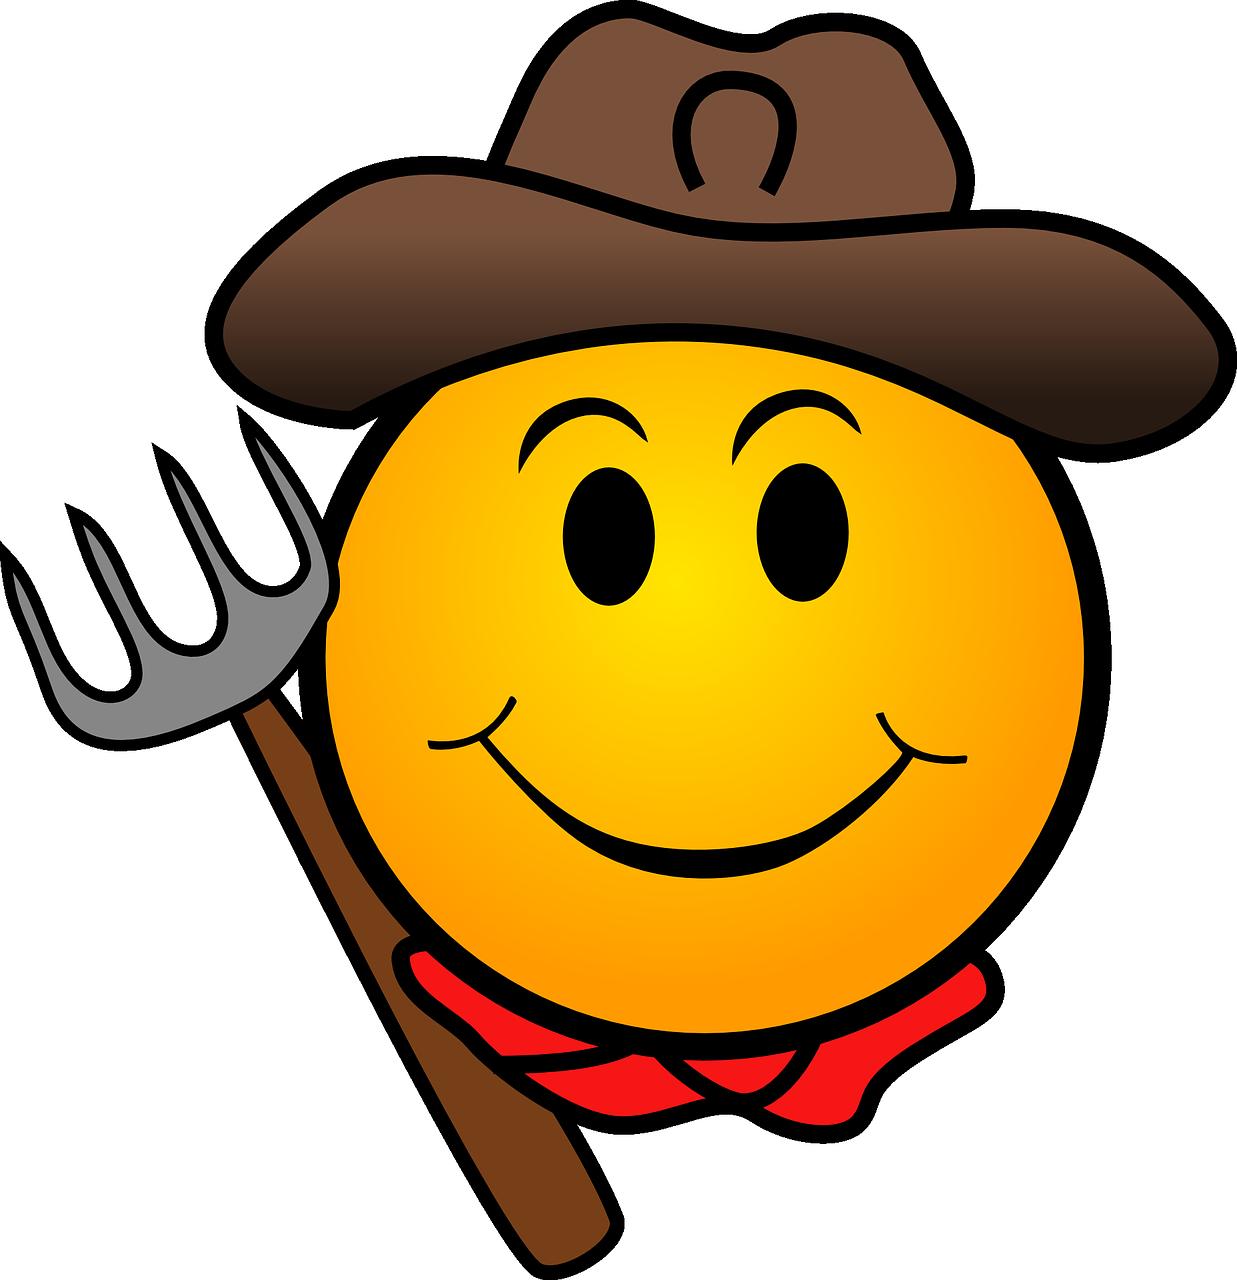 Gratis Obraz Na Pixabay Kowboj Gospodarstwa Rolnik Buzka Emoticon Smiley Emoji Images